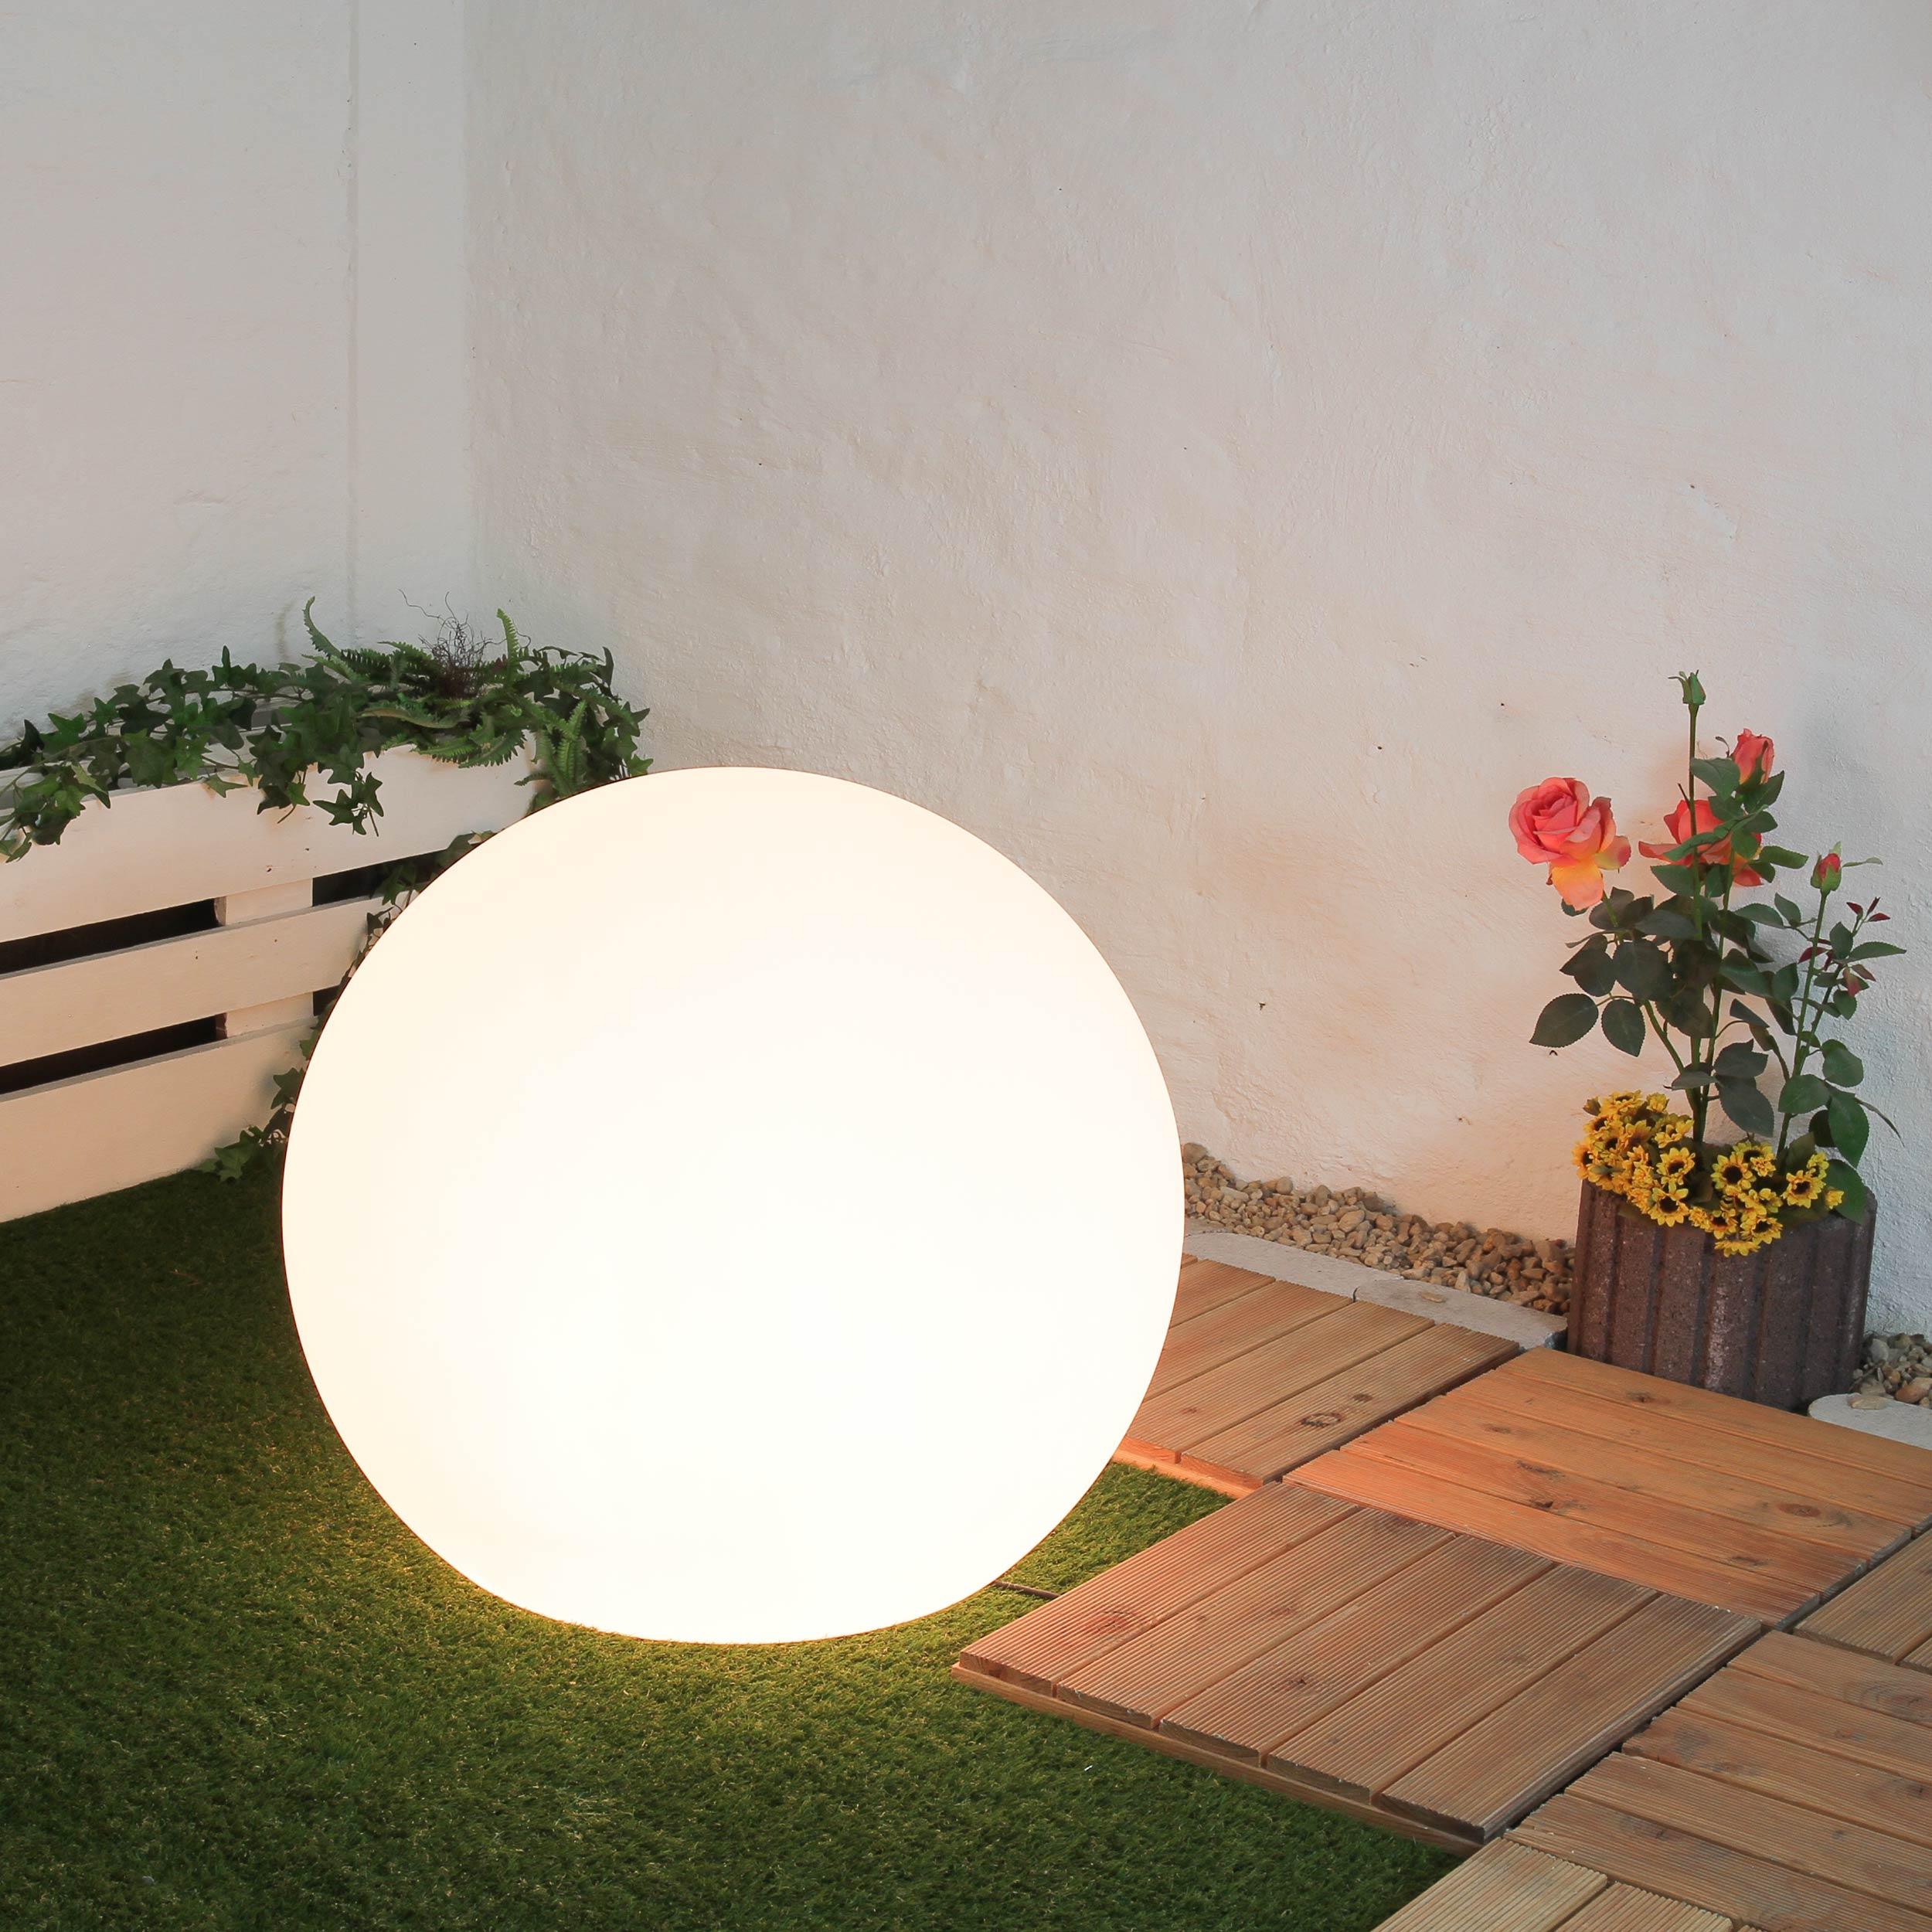 XXL Gartenlampe in Weiß Kugel Schirm Ø80cm